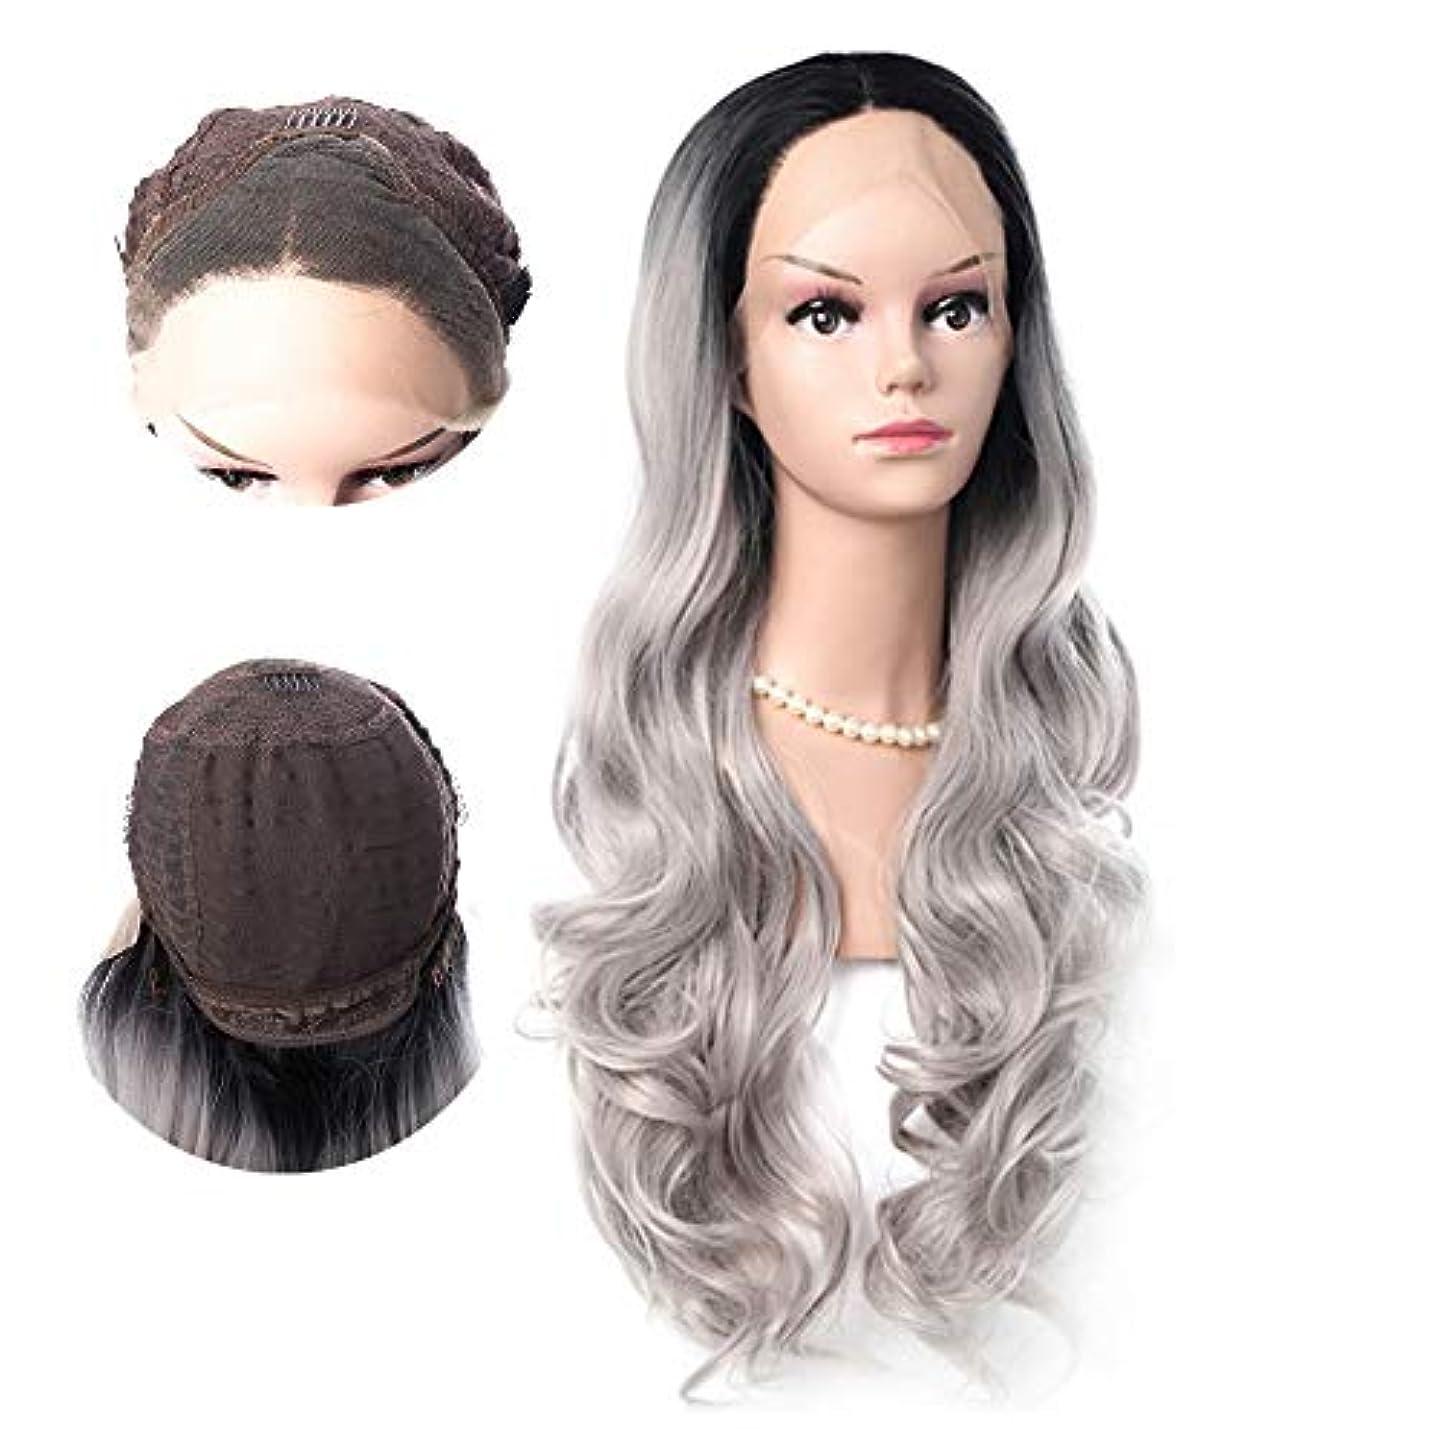 推進力落ち込んでいる会計士WASAIO 女性の長い巻き毛のかつらは、黒髪の自然な波状のオンブルレースフロントかつらを植えた (色 : グレー)